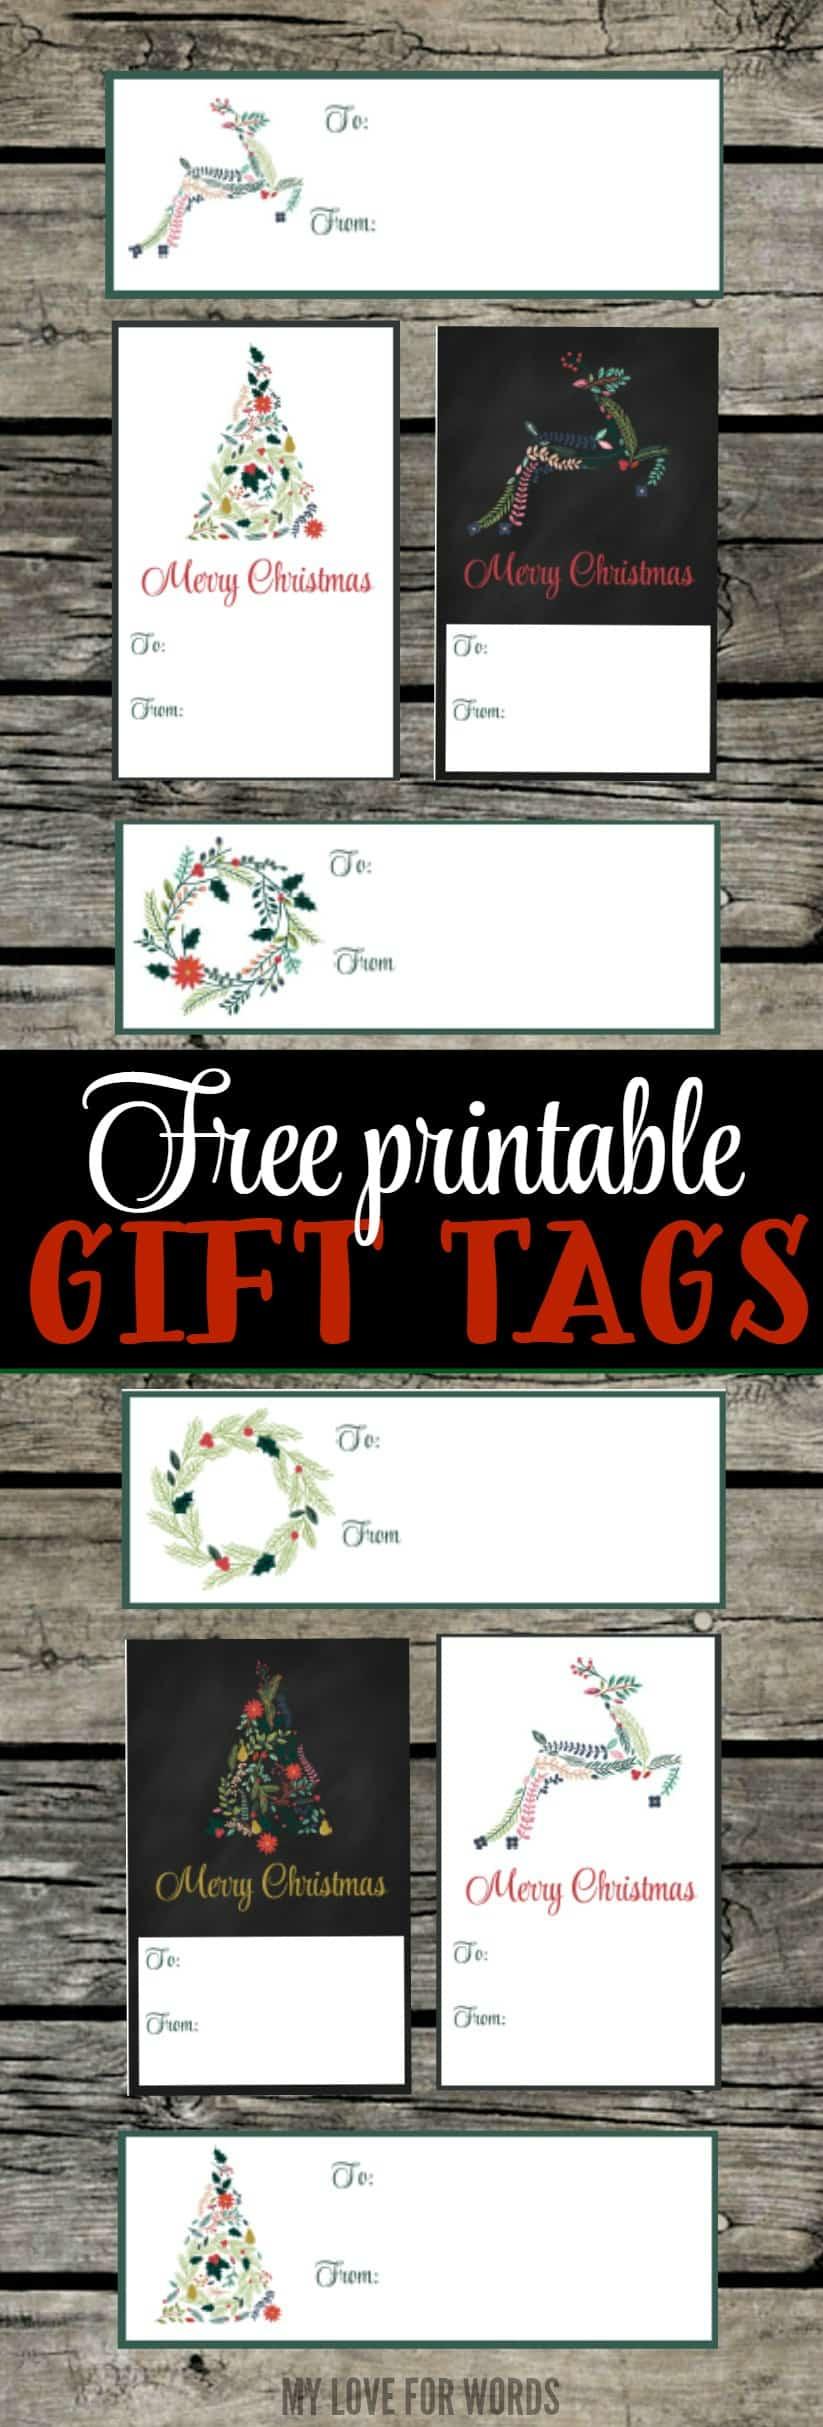 printable christmas gift tags vertical image